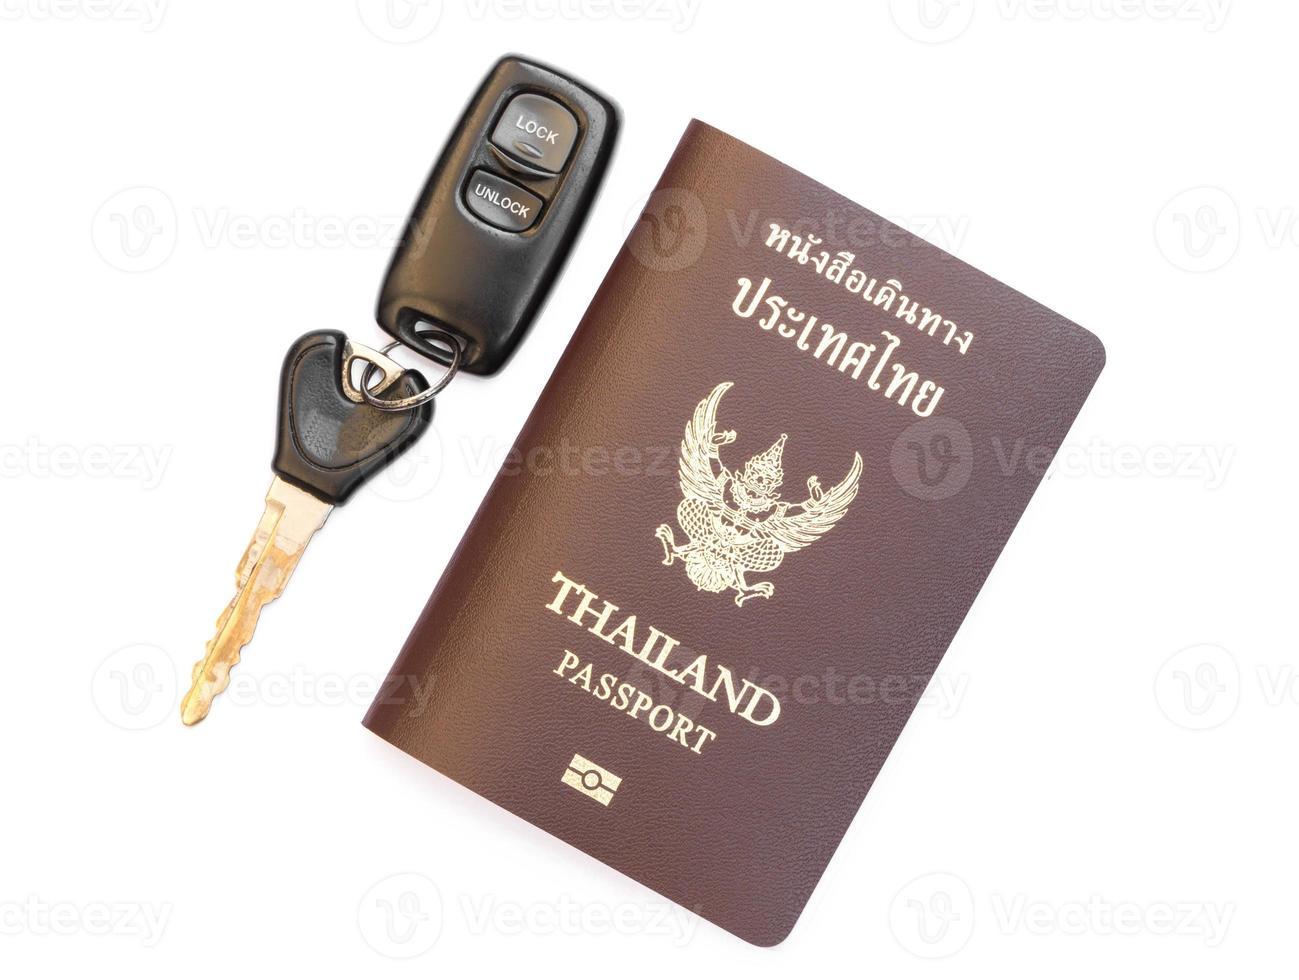 Thailand pass med bilnyckel på vit foto